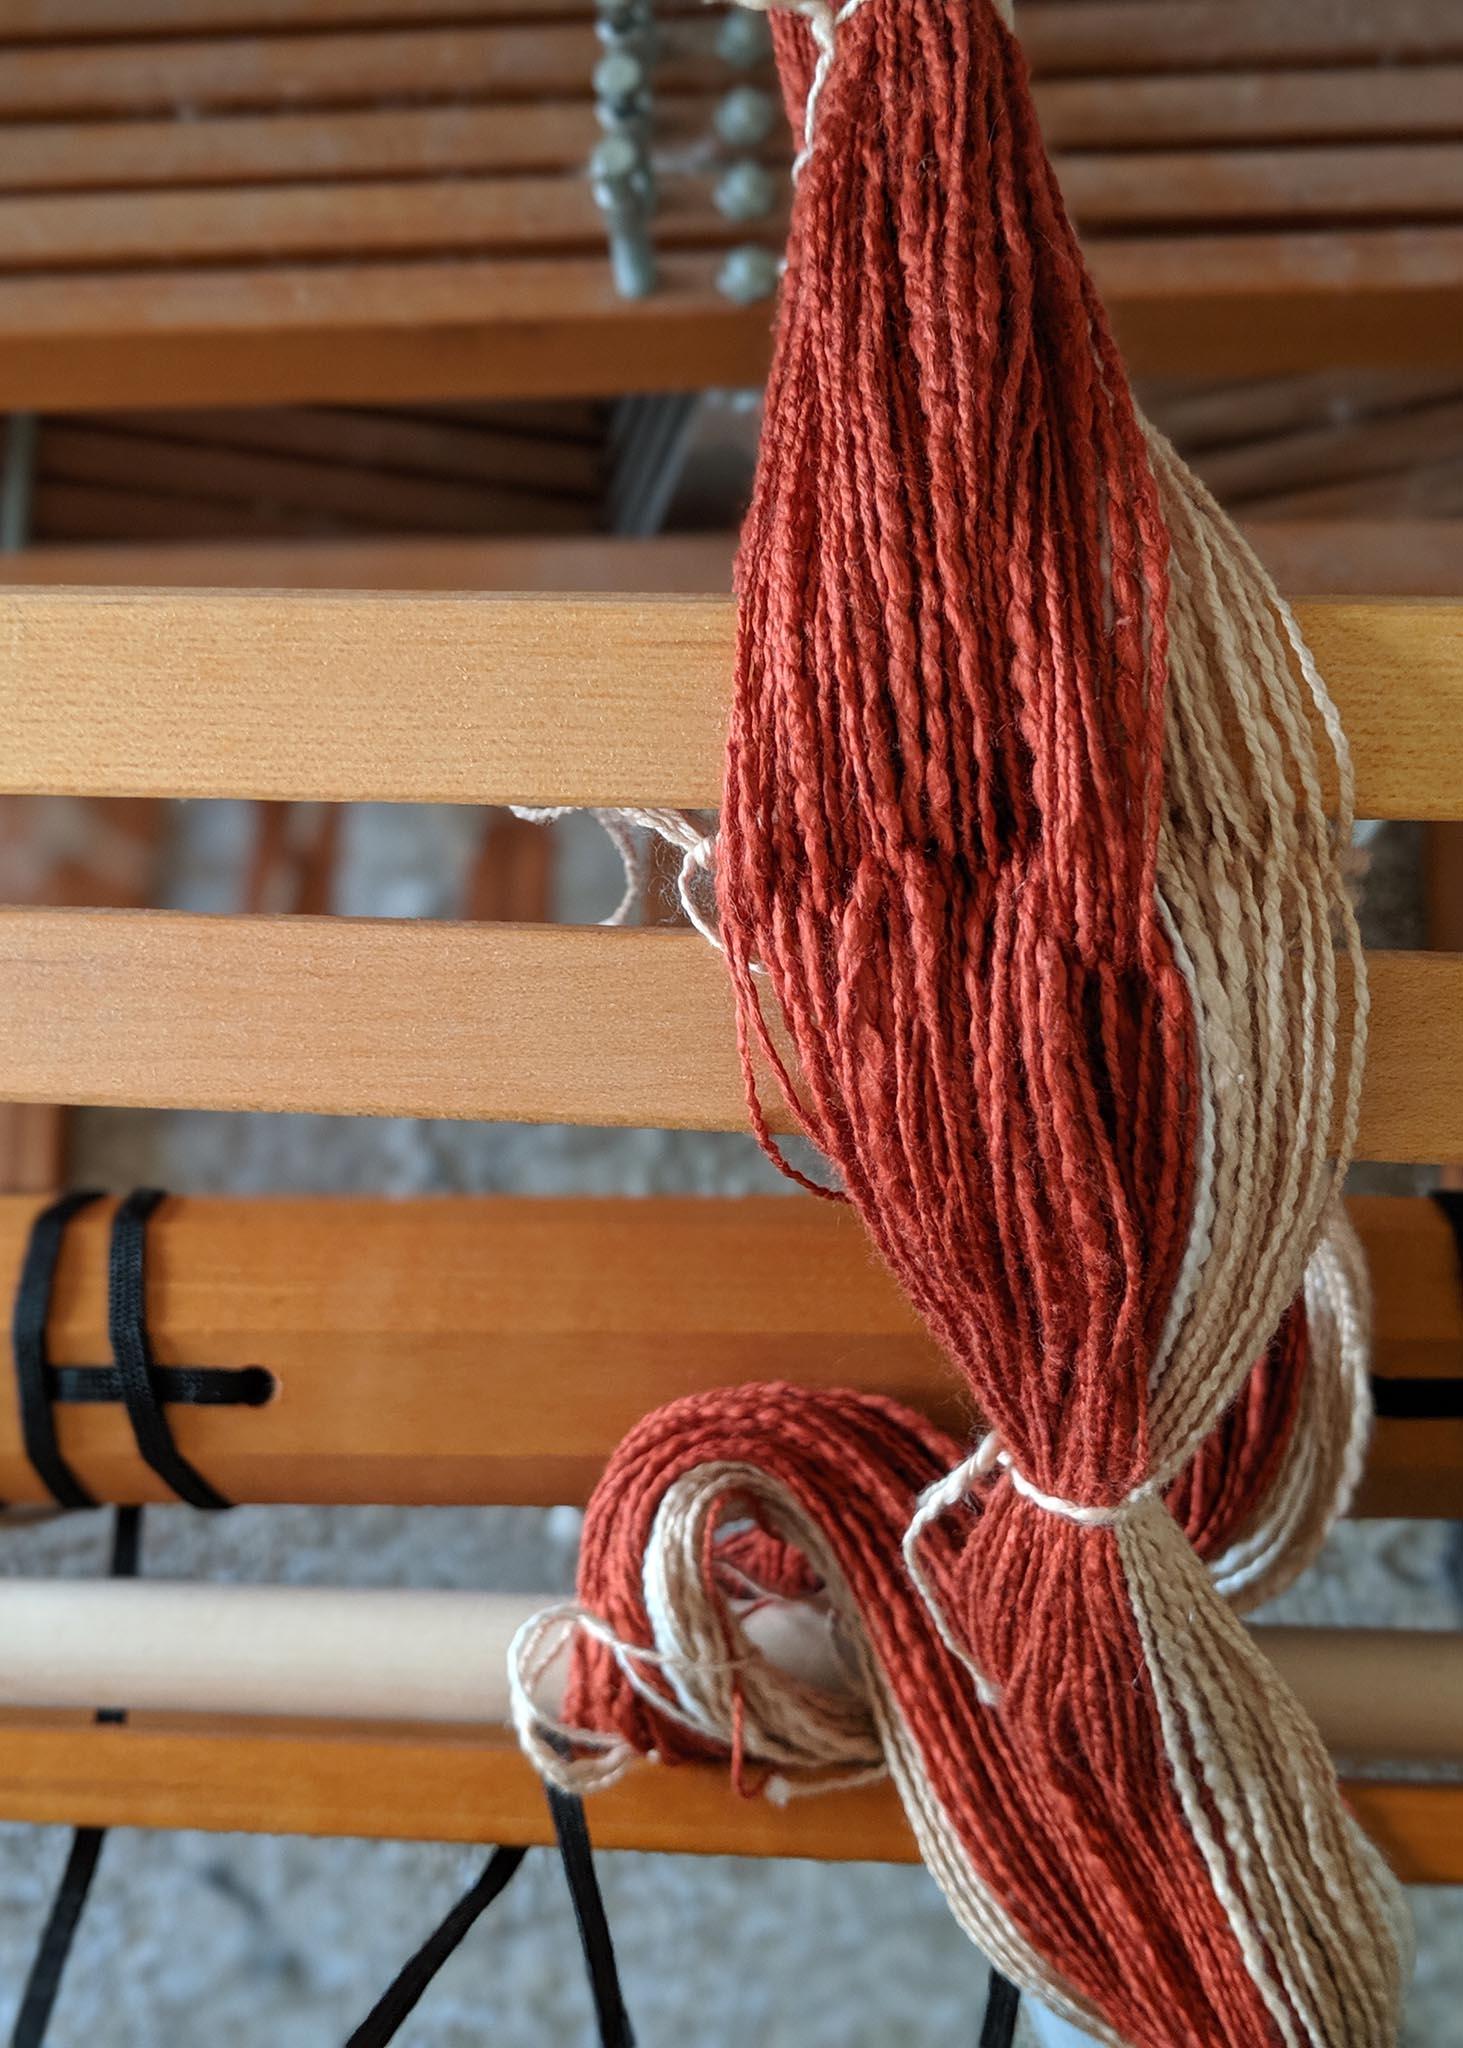 Warp for weaving